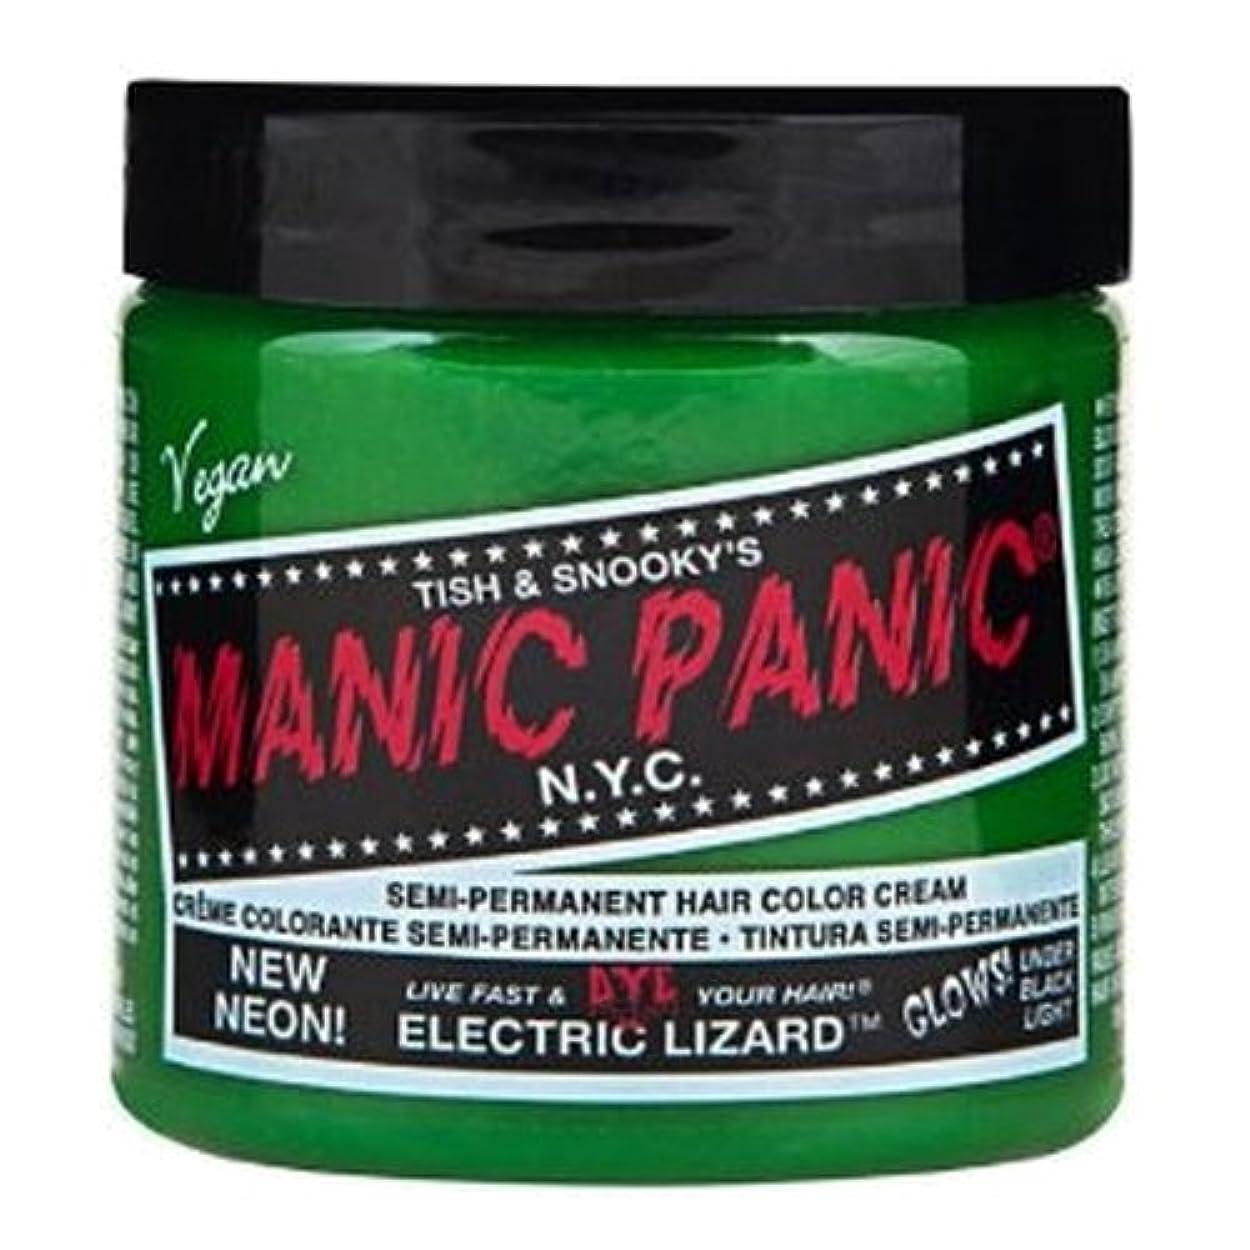 ビルダー風邪をひく動物マニックパニック カラークリーム エレクトリックリザード